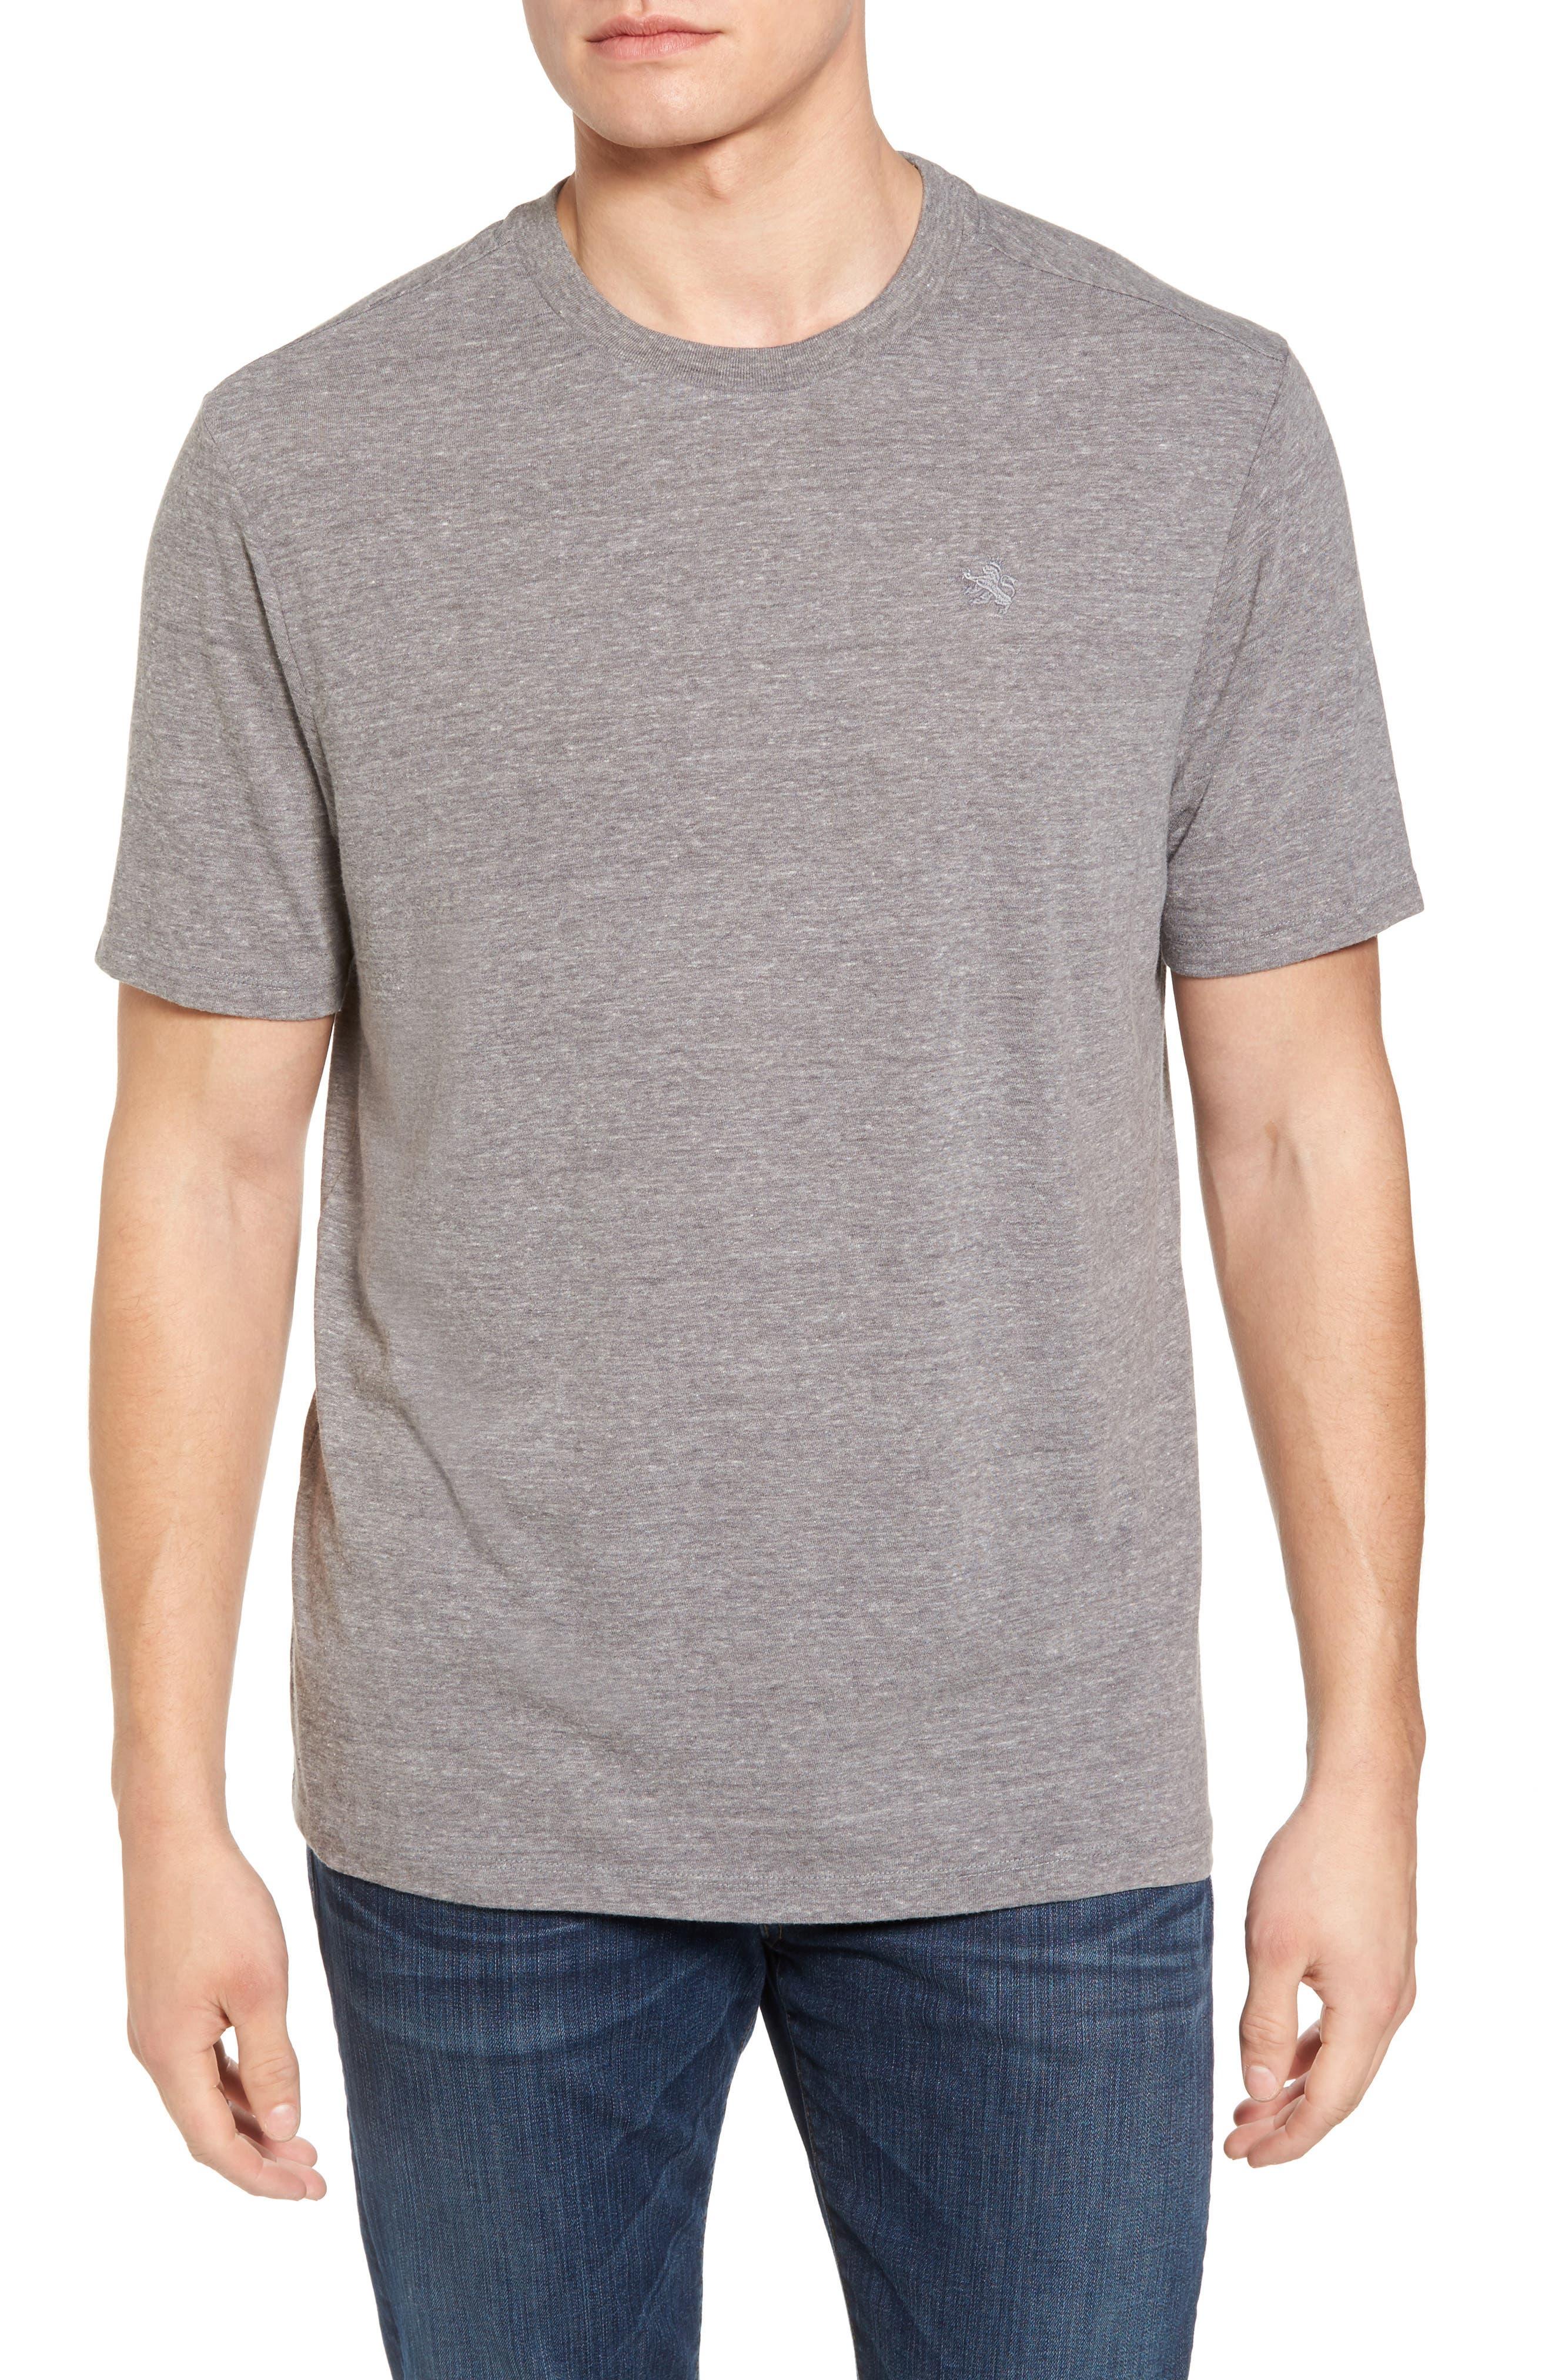 Parrots Cove Graphic T-Shirt,                         Main,                         color, Charcoal